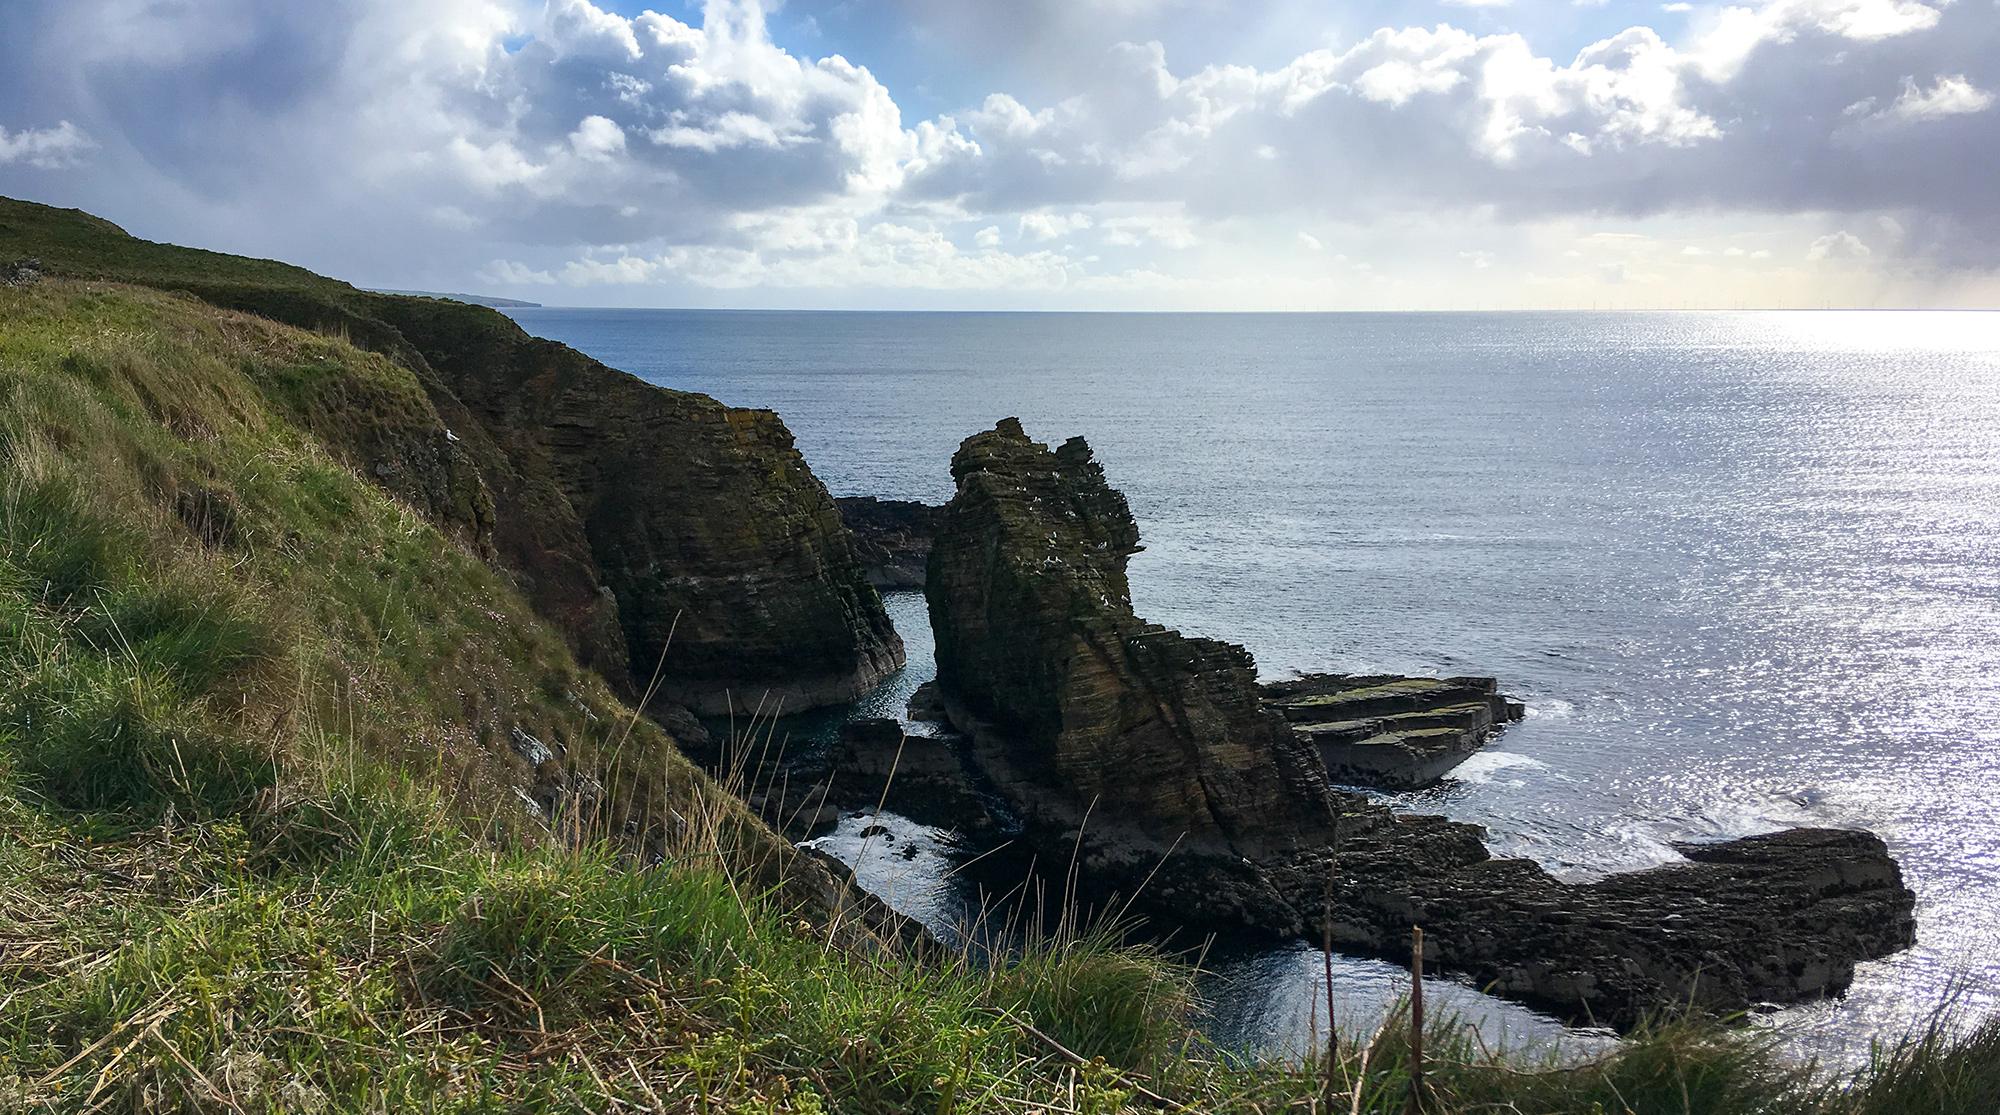 Möwenkollonie auf einem Felsen am Meer bei Dunbeath